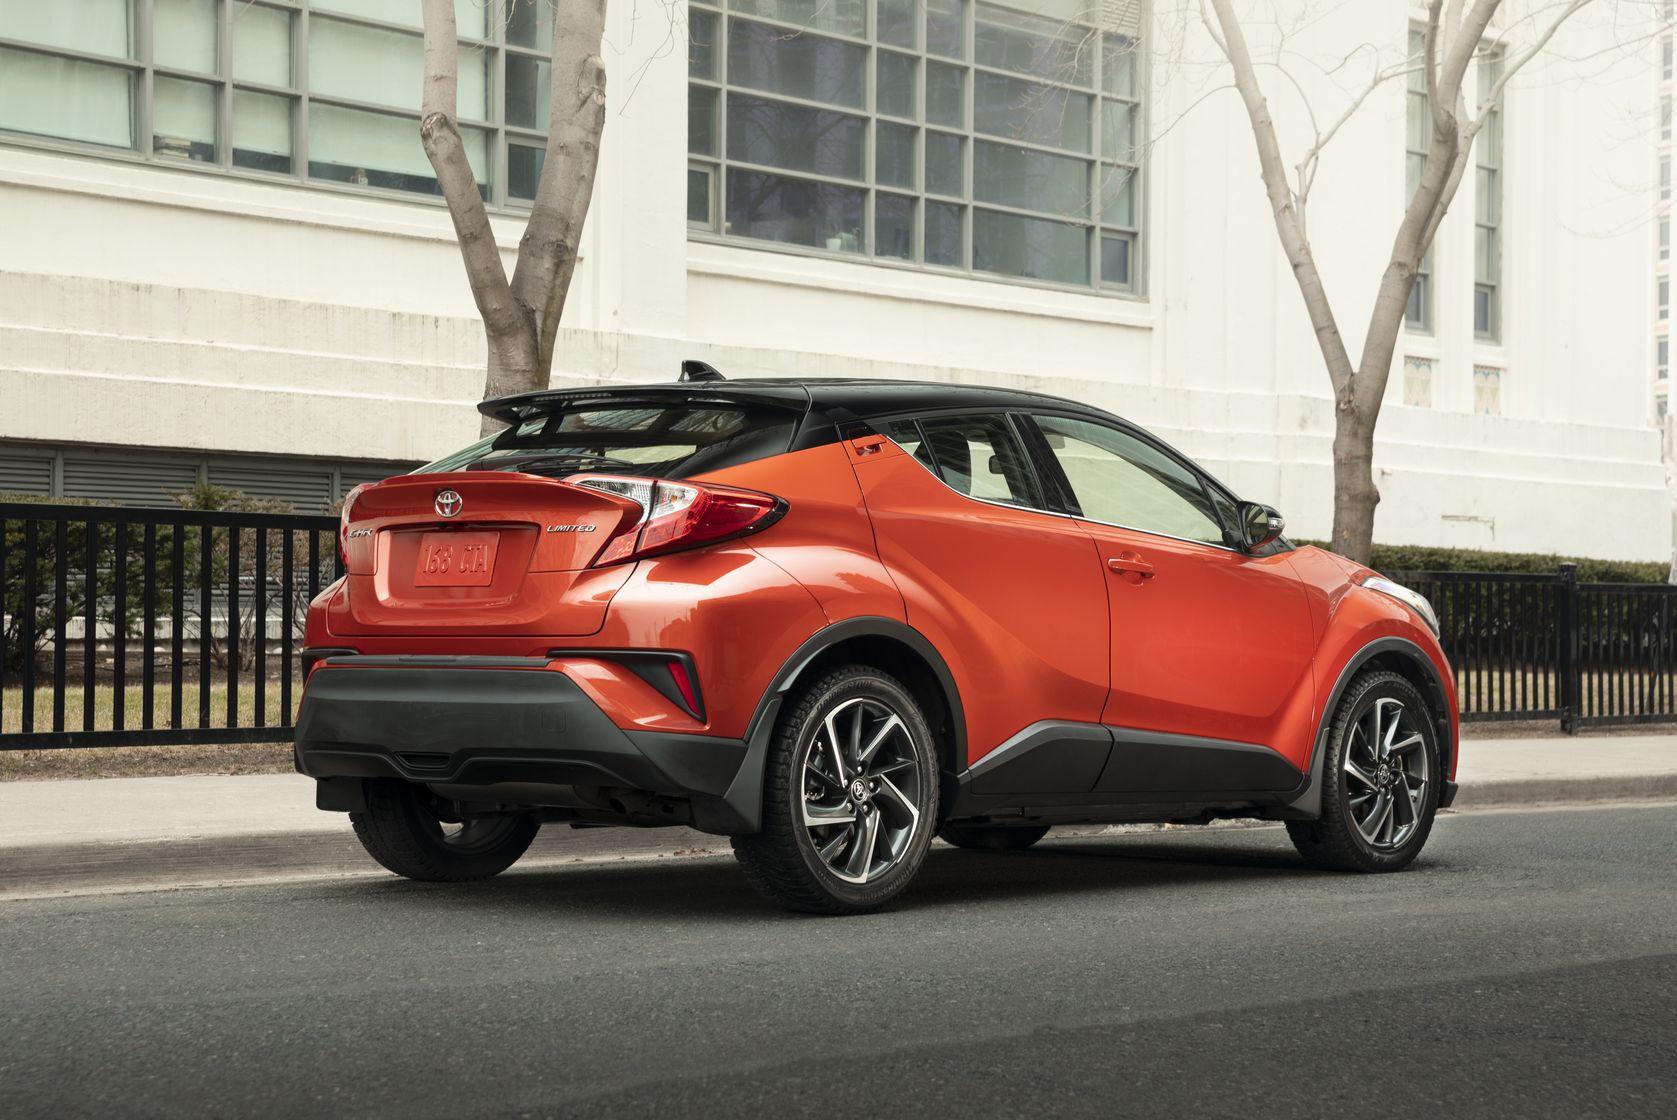 Arrière du Toyota C-HR 2020 rouge